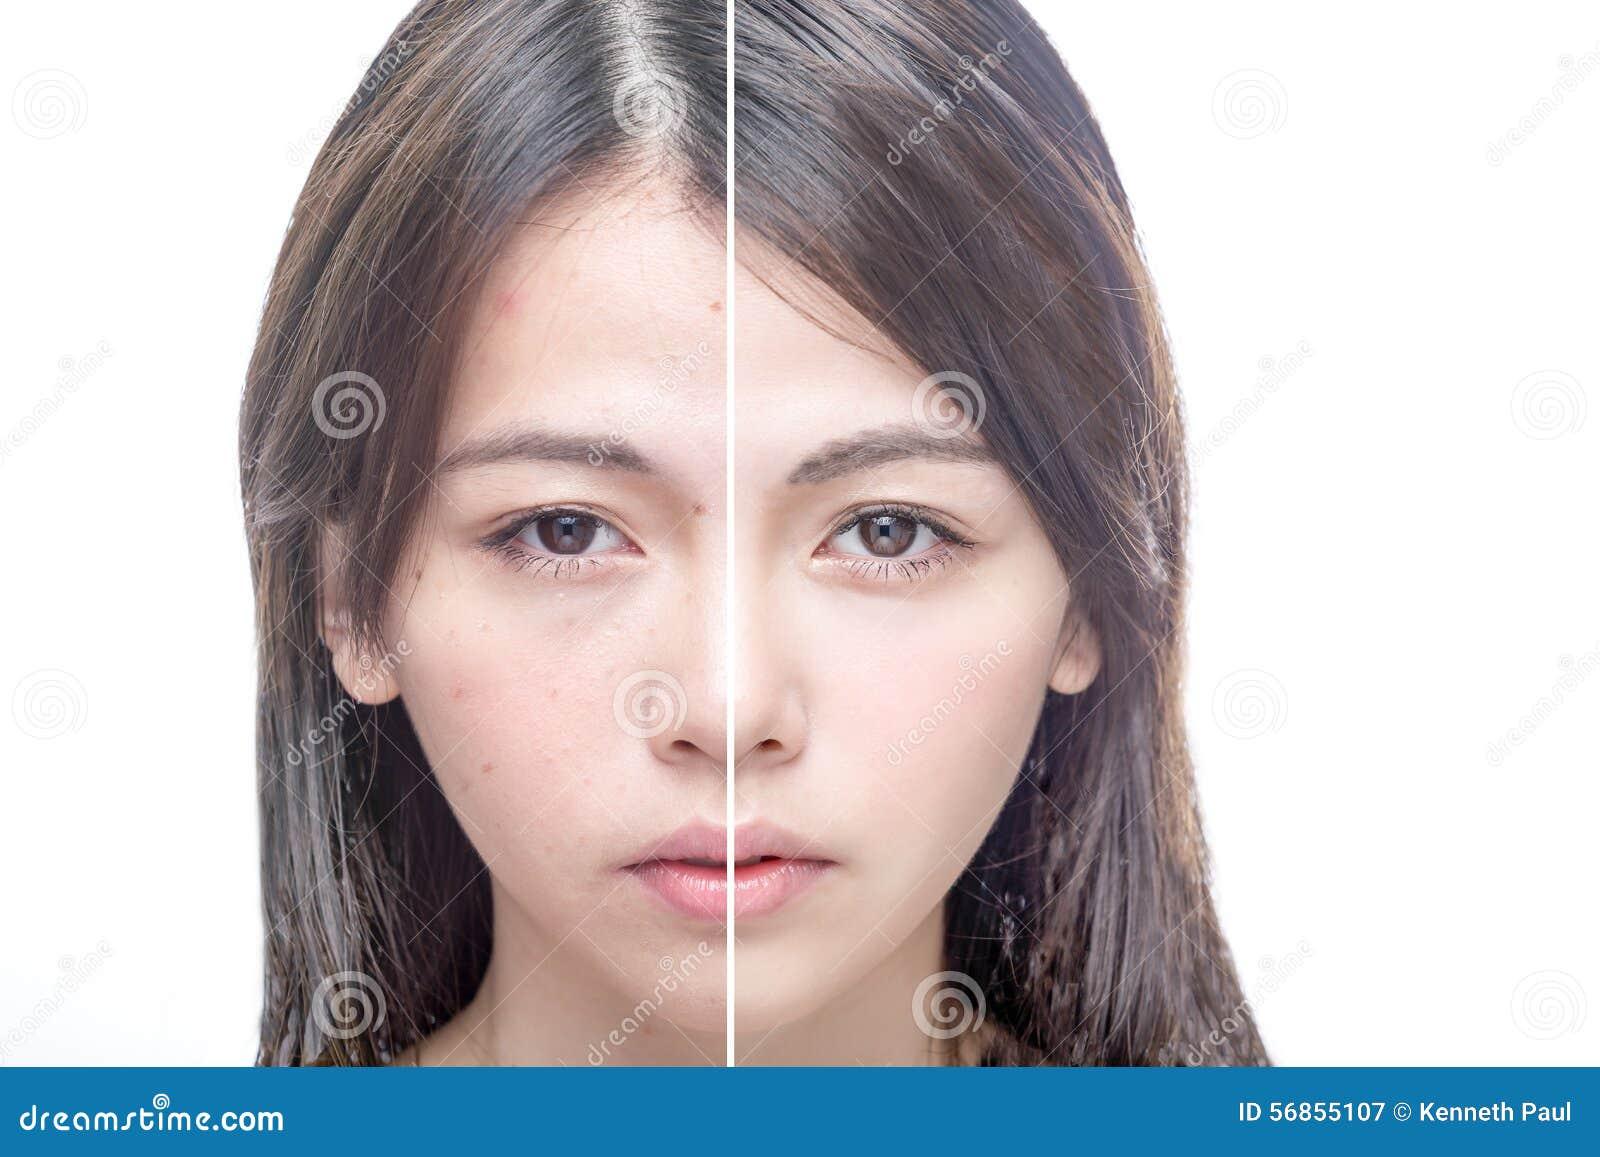 Prima e dopo il ritratto di bellezza